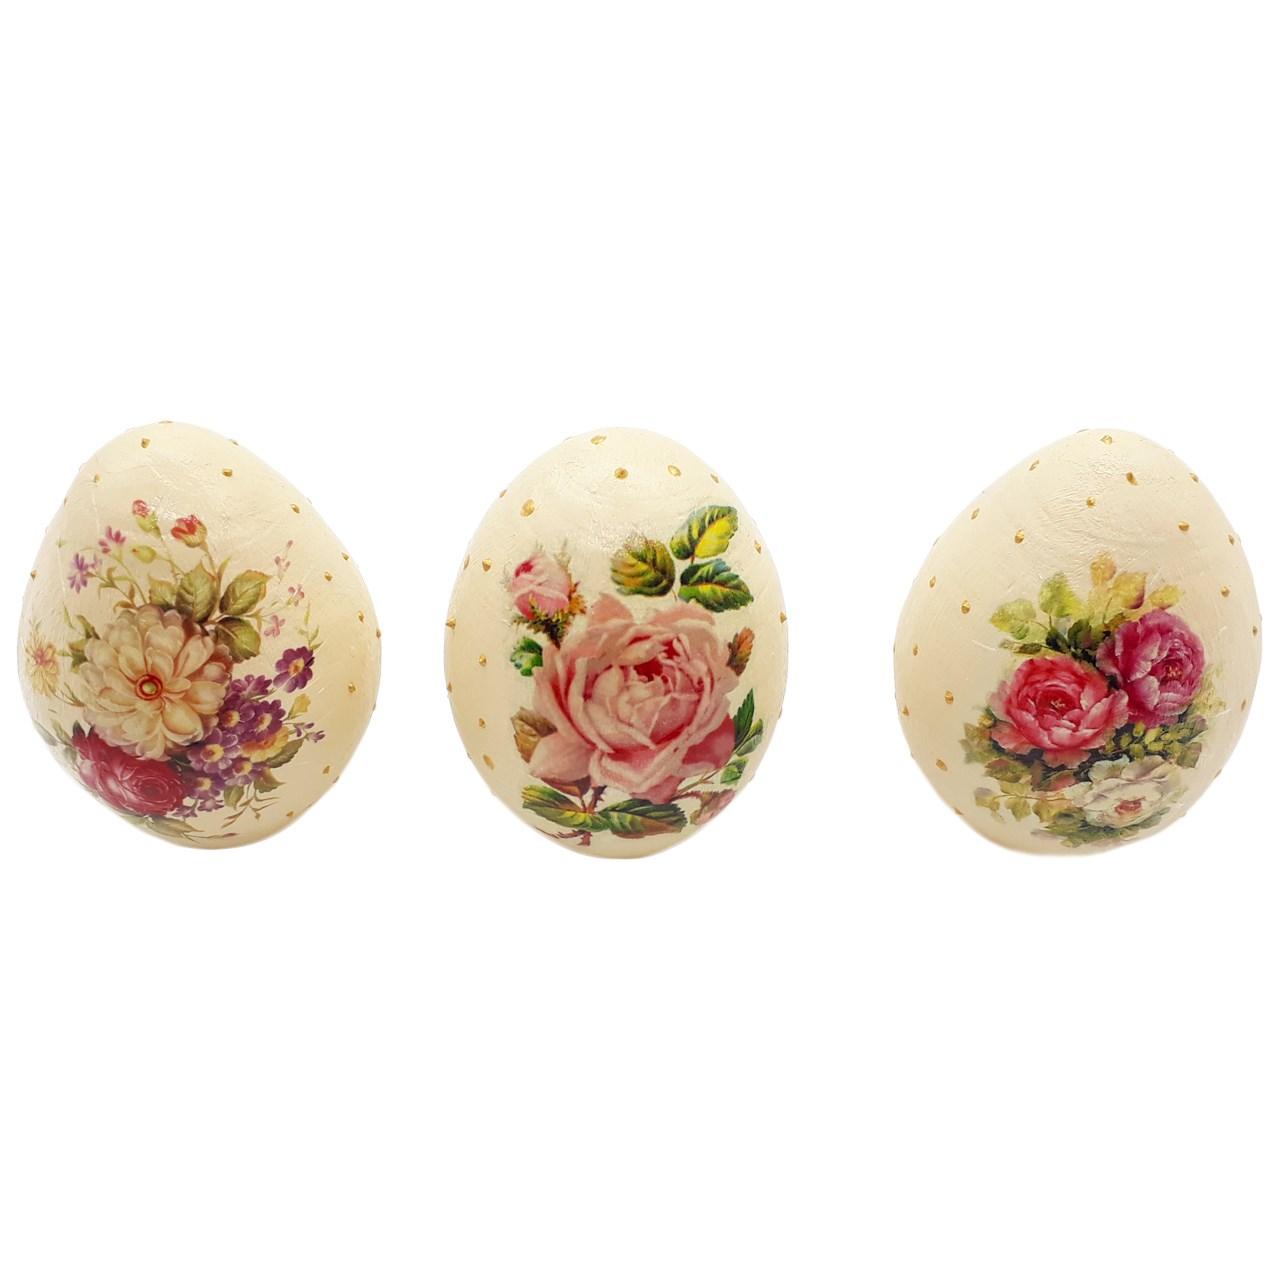 تخم مرغ تزیینی هفت سین قشنگه کد Ght-004